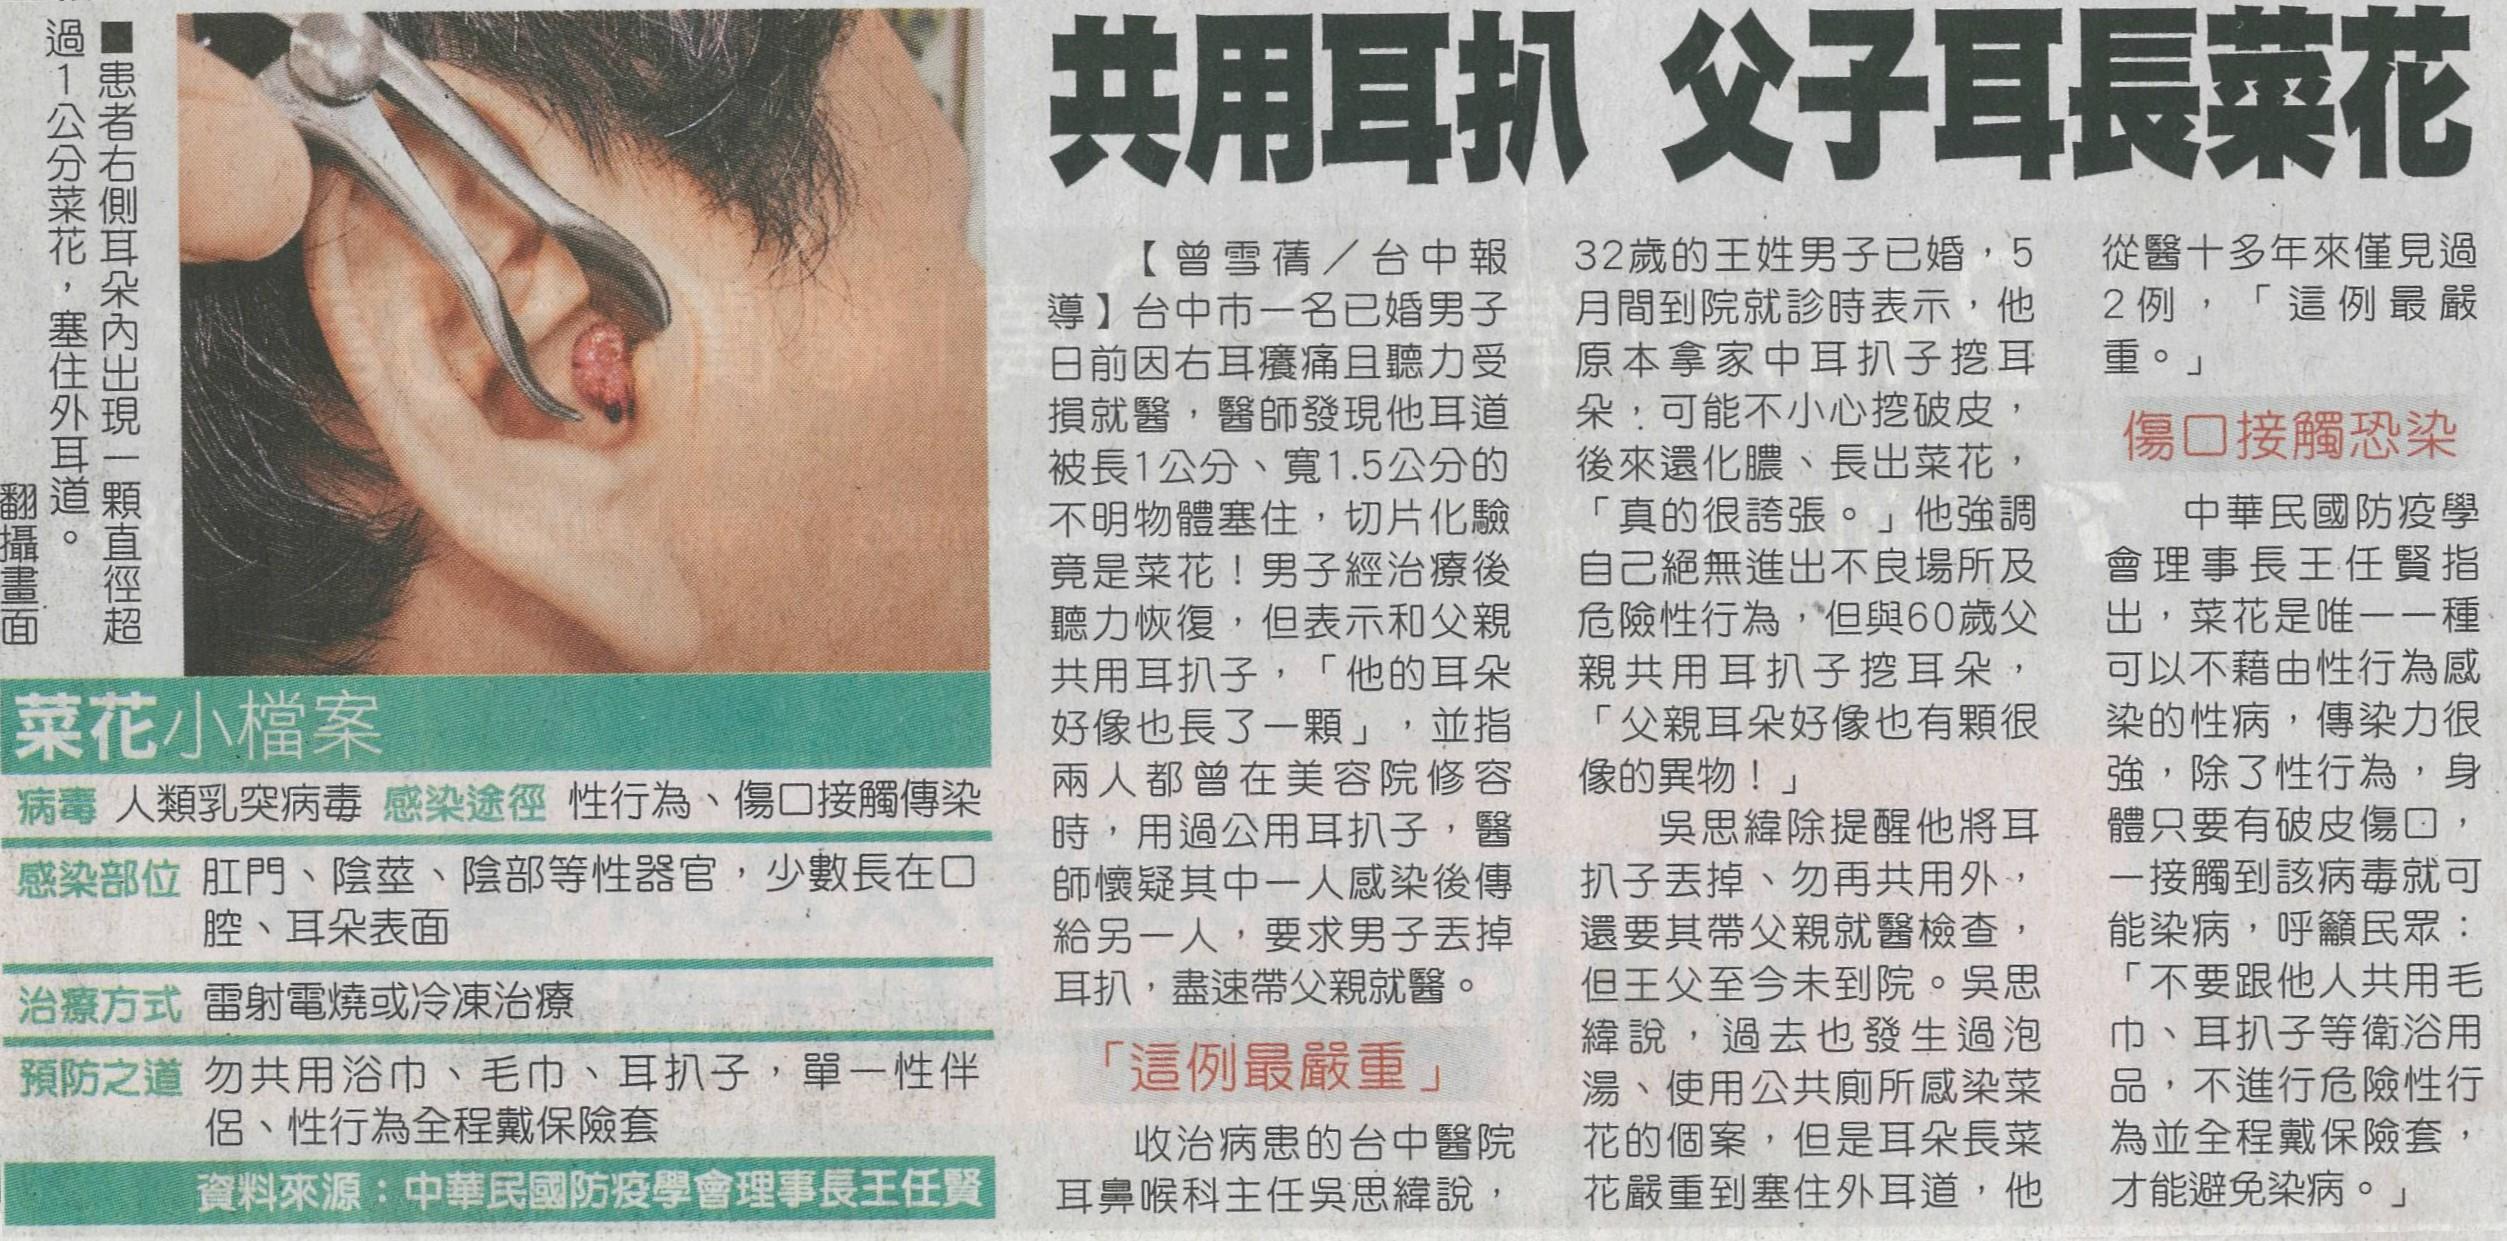 泰安中醫診所 共用耳扒 父子耳長菜花